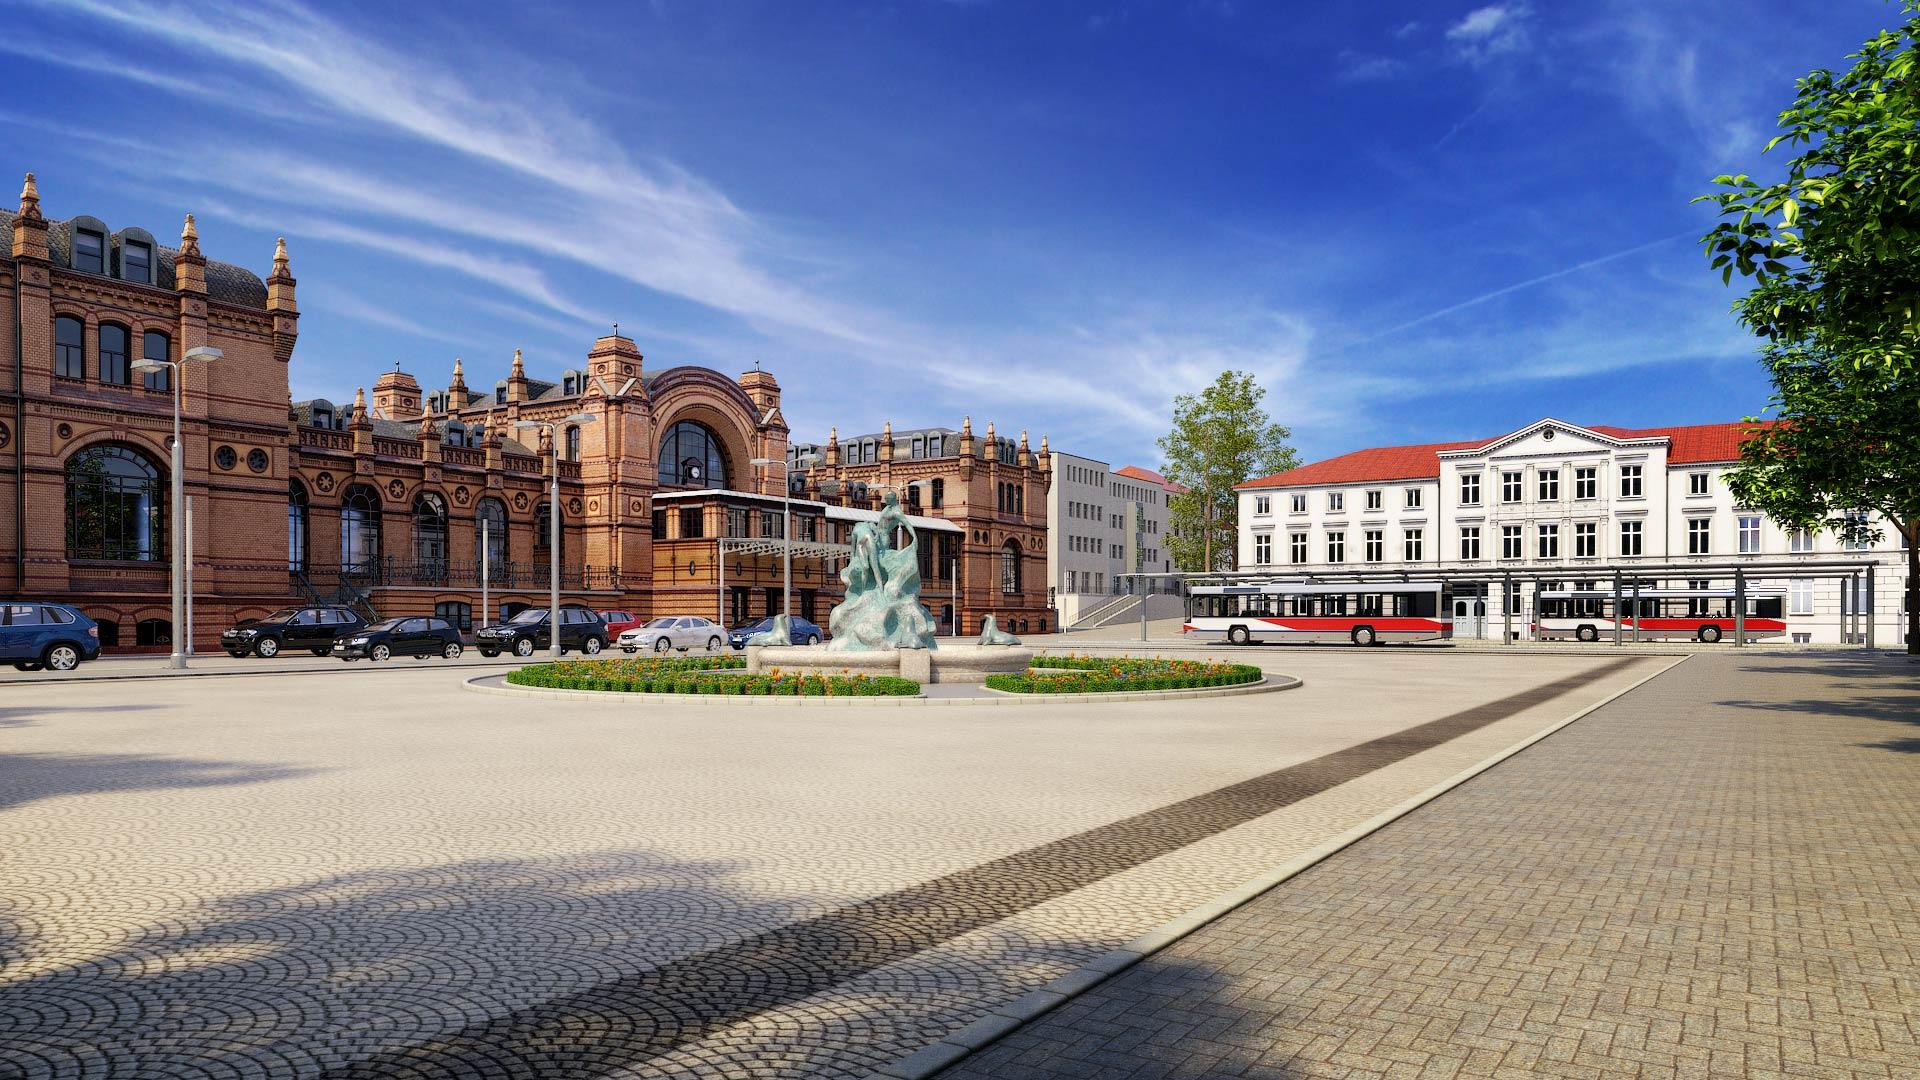 Schwerin_Rettung_aus_Seenot_3D_Architekturvisualisierung Schwerin Grunthalplatz 3D Architekturvisualisierung